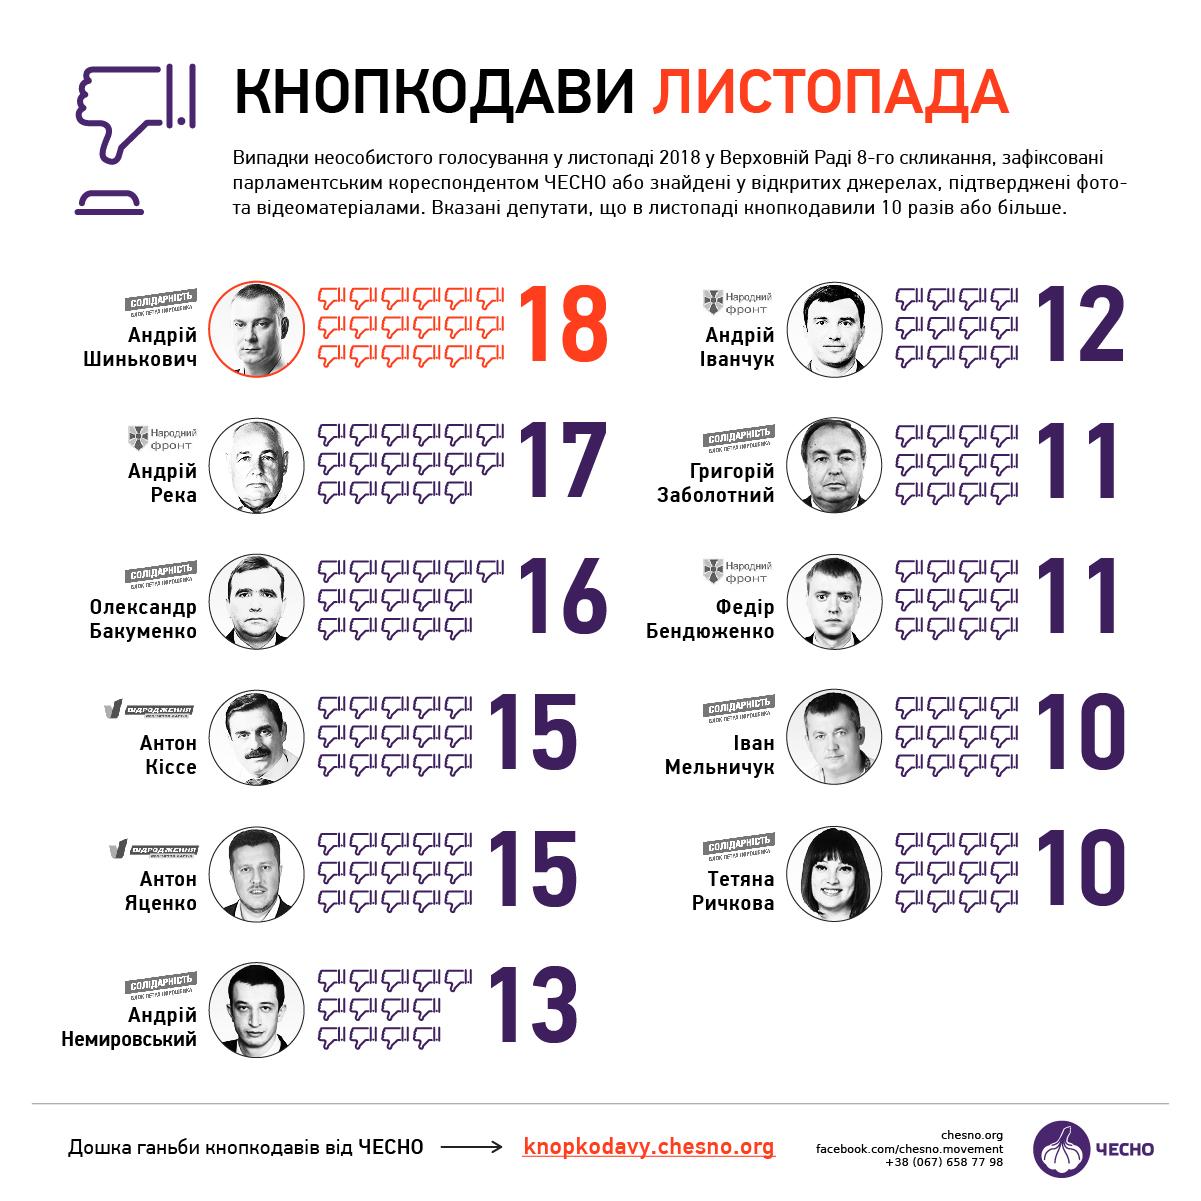 В кнопкодавстве за ноябрь лидируют депутаты БПП - Честно